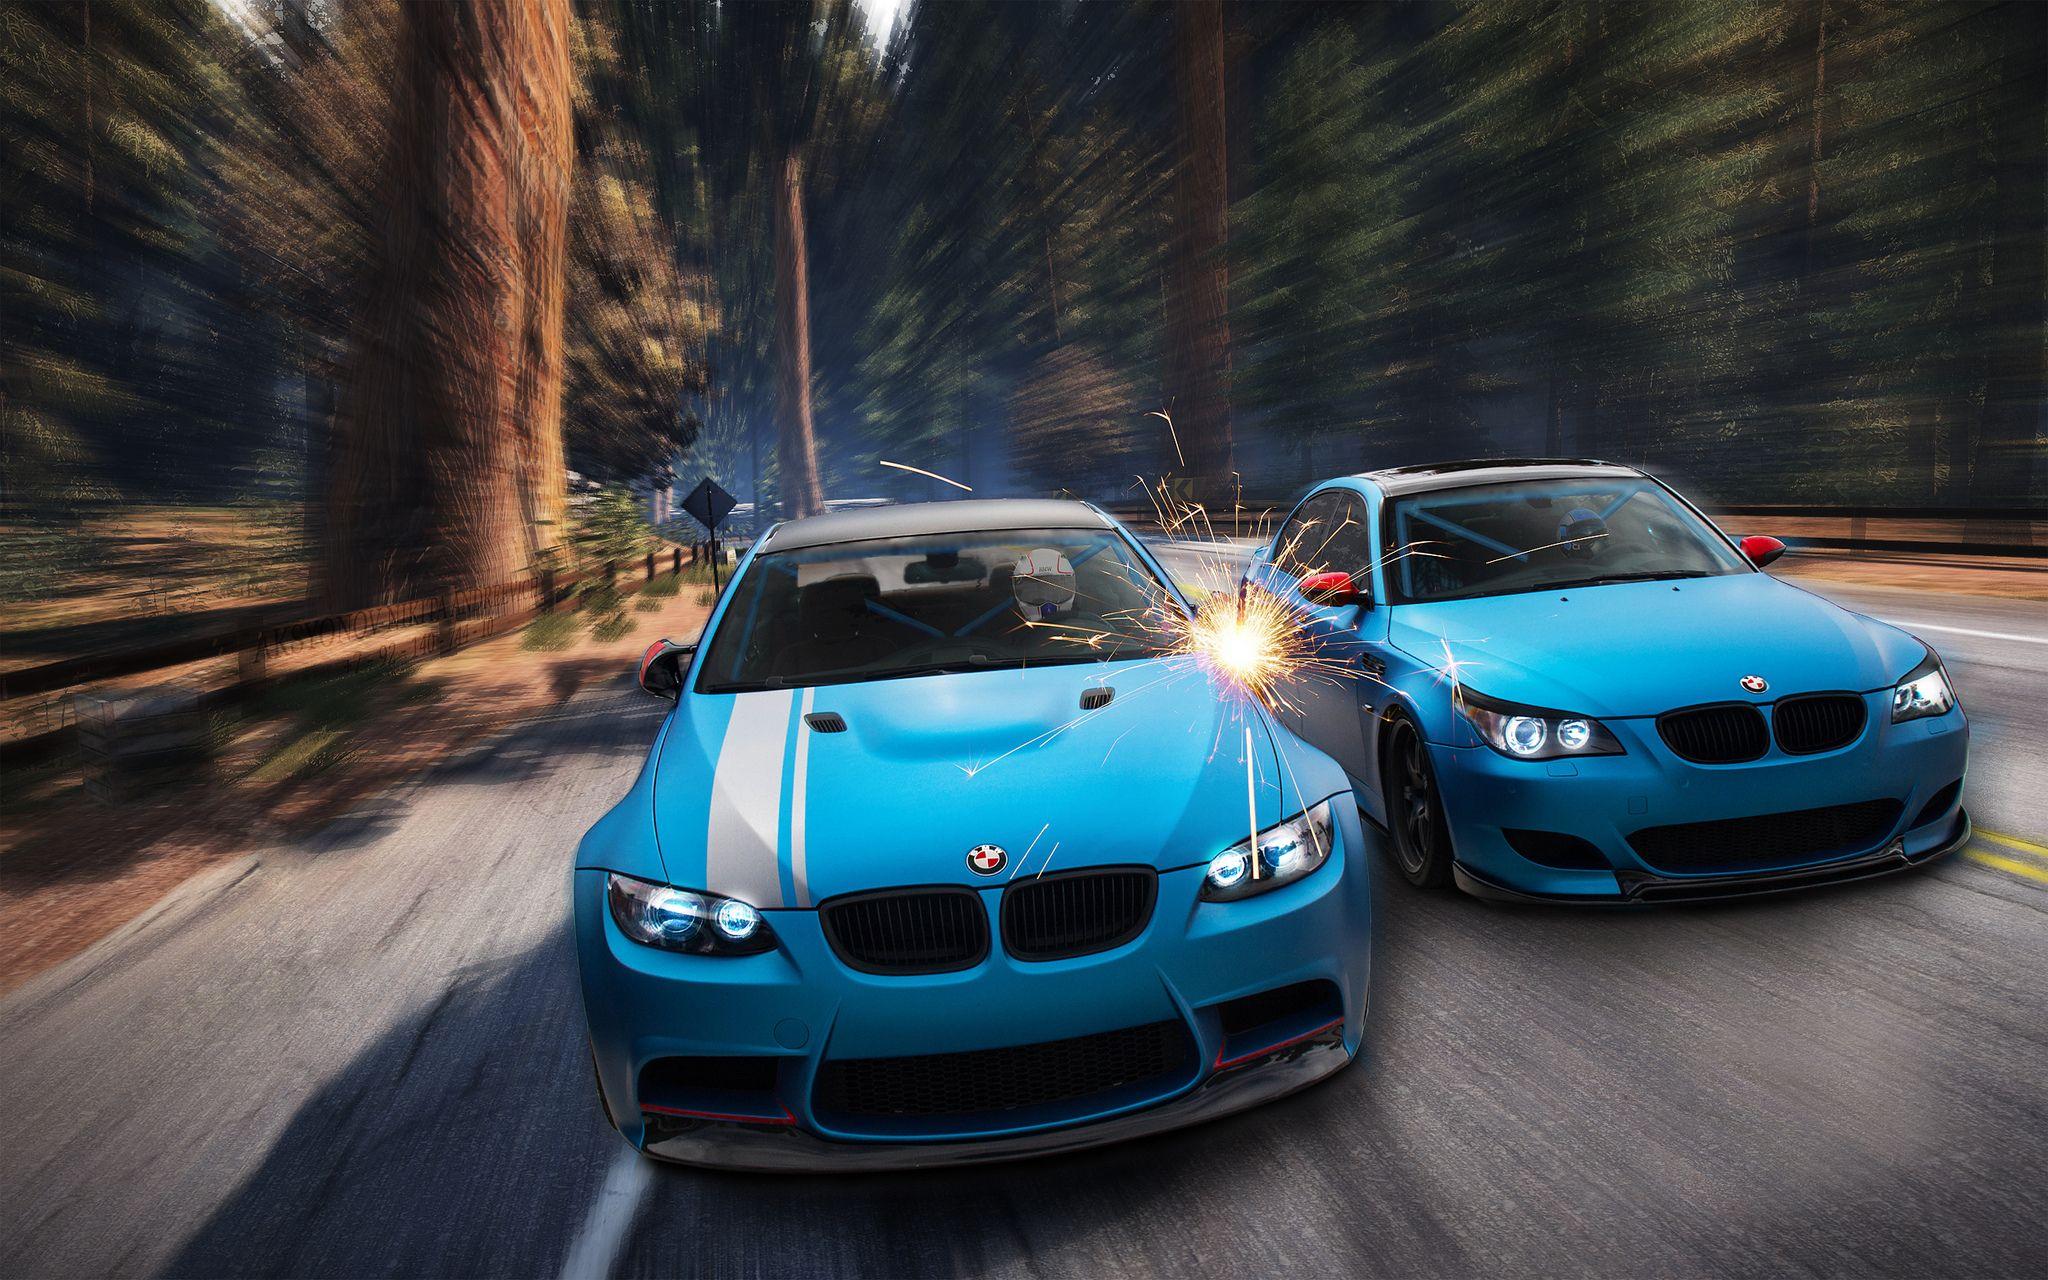 E92 Le Mans Blue M3 With Images Cars Bmw Bmw Car